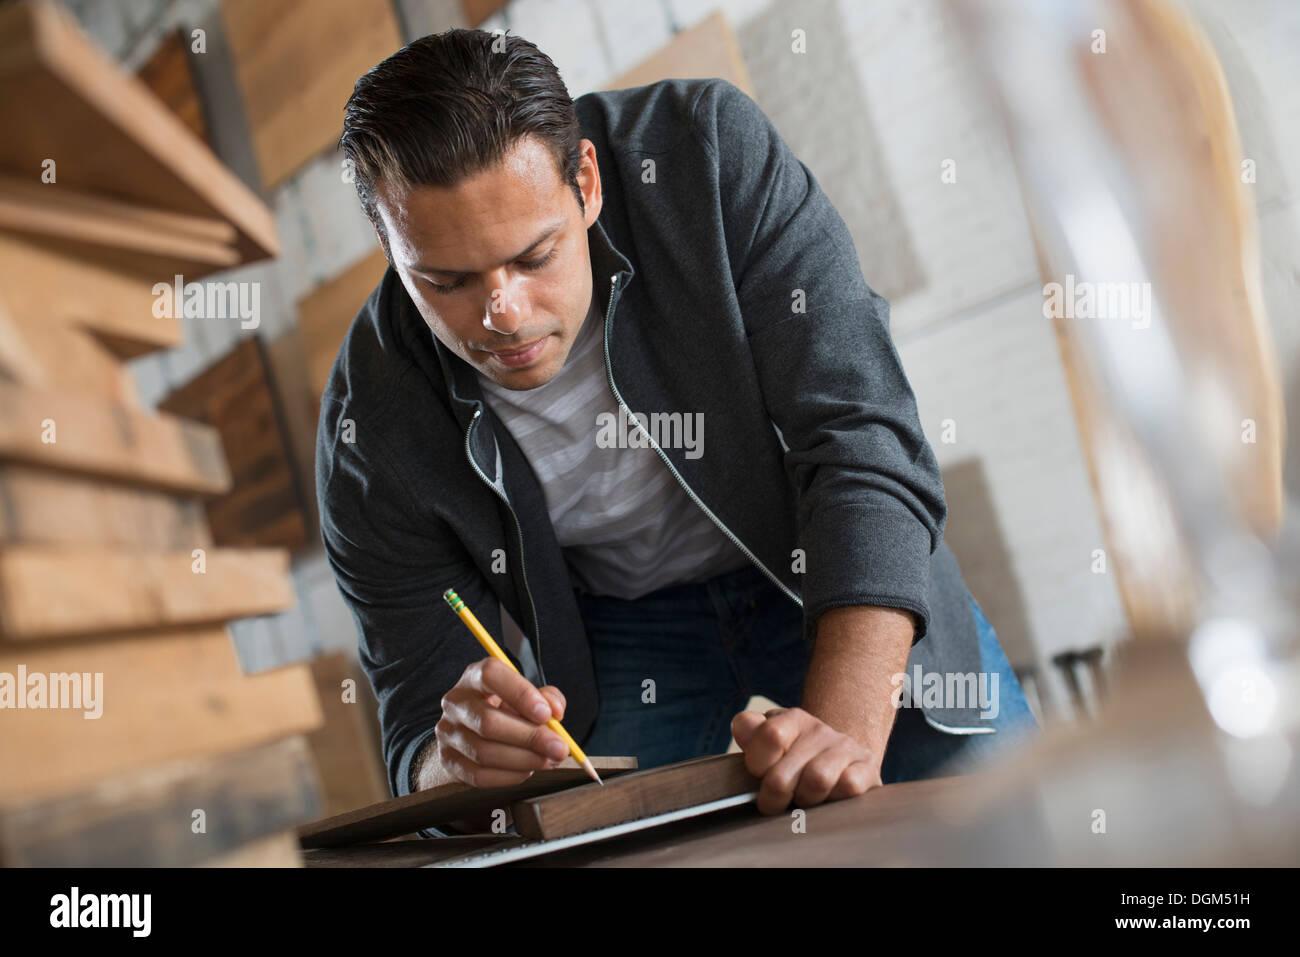 Un giovane uomo in un laboratorio che utilizza materiali riciclati e rigenerati legname utilizzando carta e penna per conservare i record. Immagini Stock